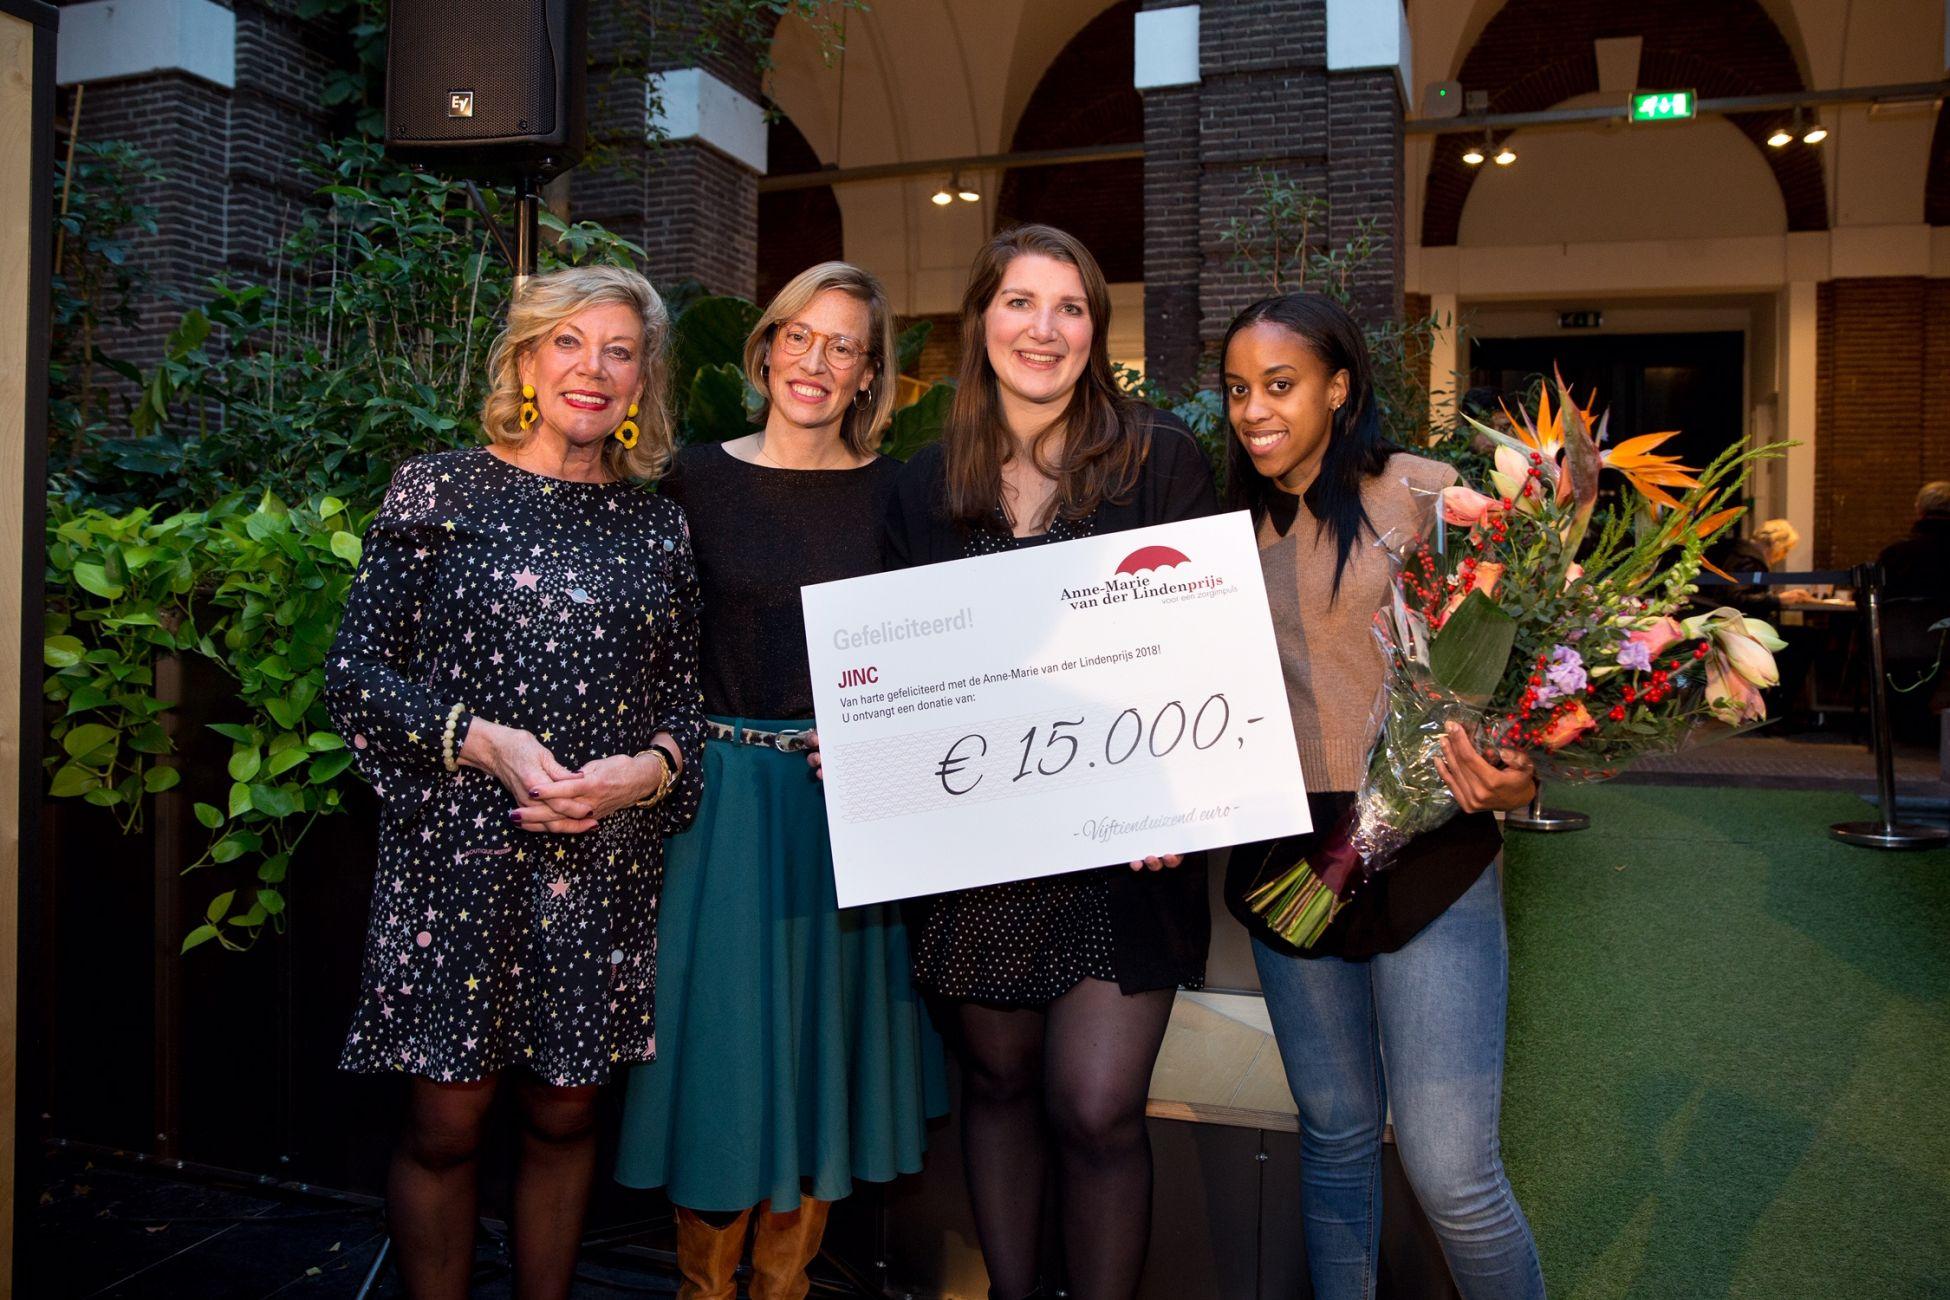 Jinc Wint Anne Marie Van Der Lindenprijs Schiedam24